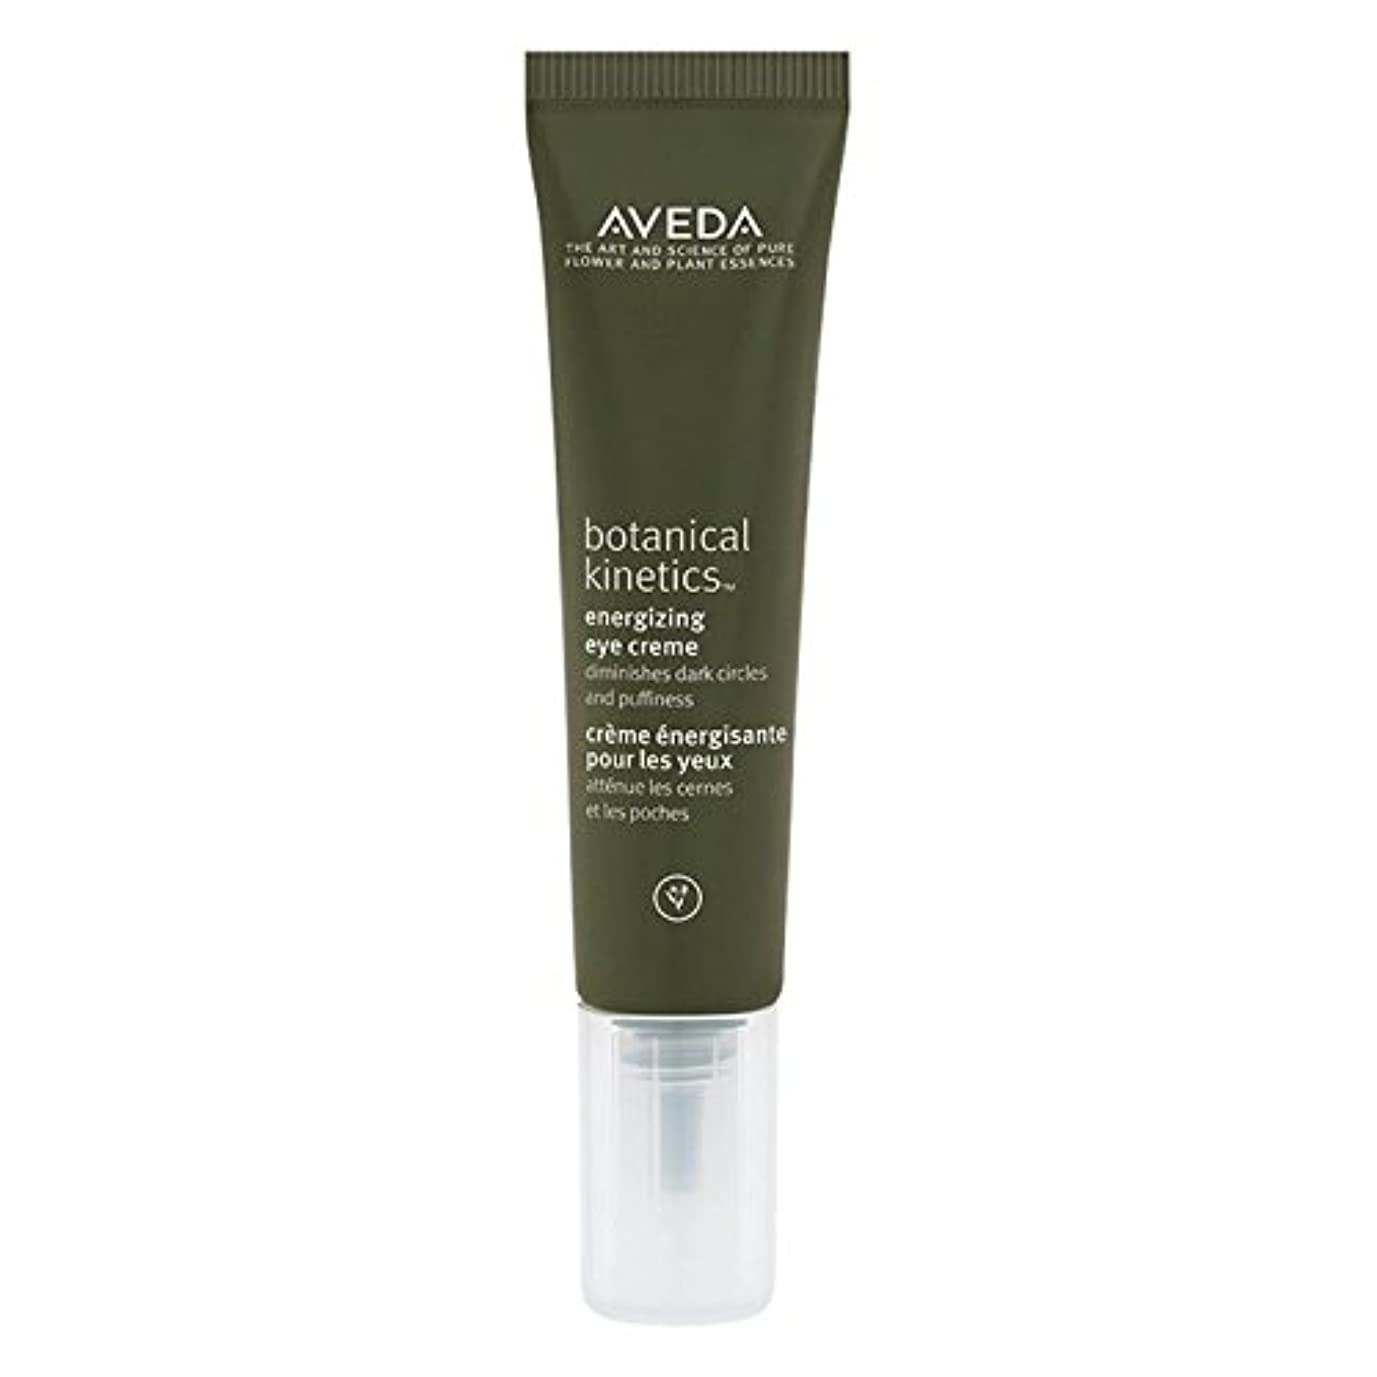 クモつらい染料[AVEDA] アヴェダボタニカルキネティクス通電アイクリーム15ミリリットル - Aveda Botanical Kinetics Energizing Eye Cream 15ml [並行輸入品]